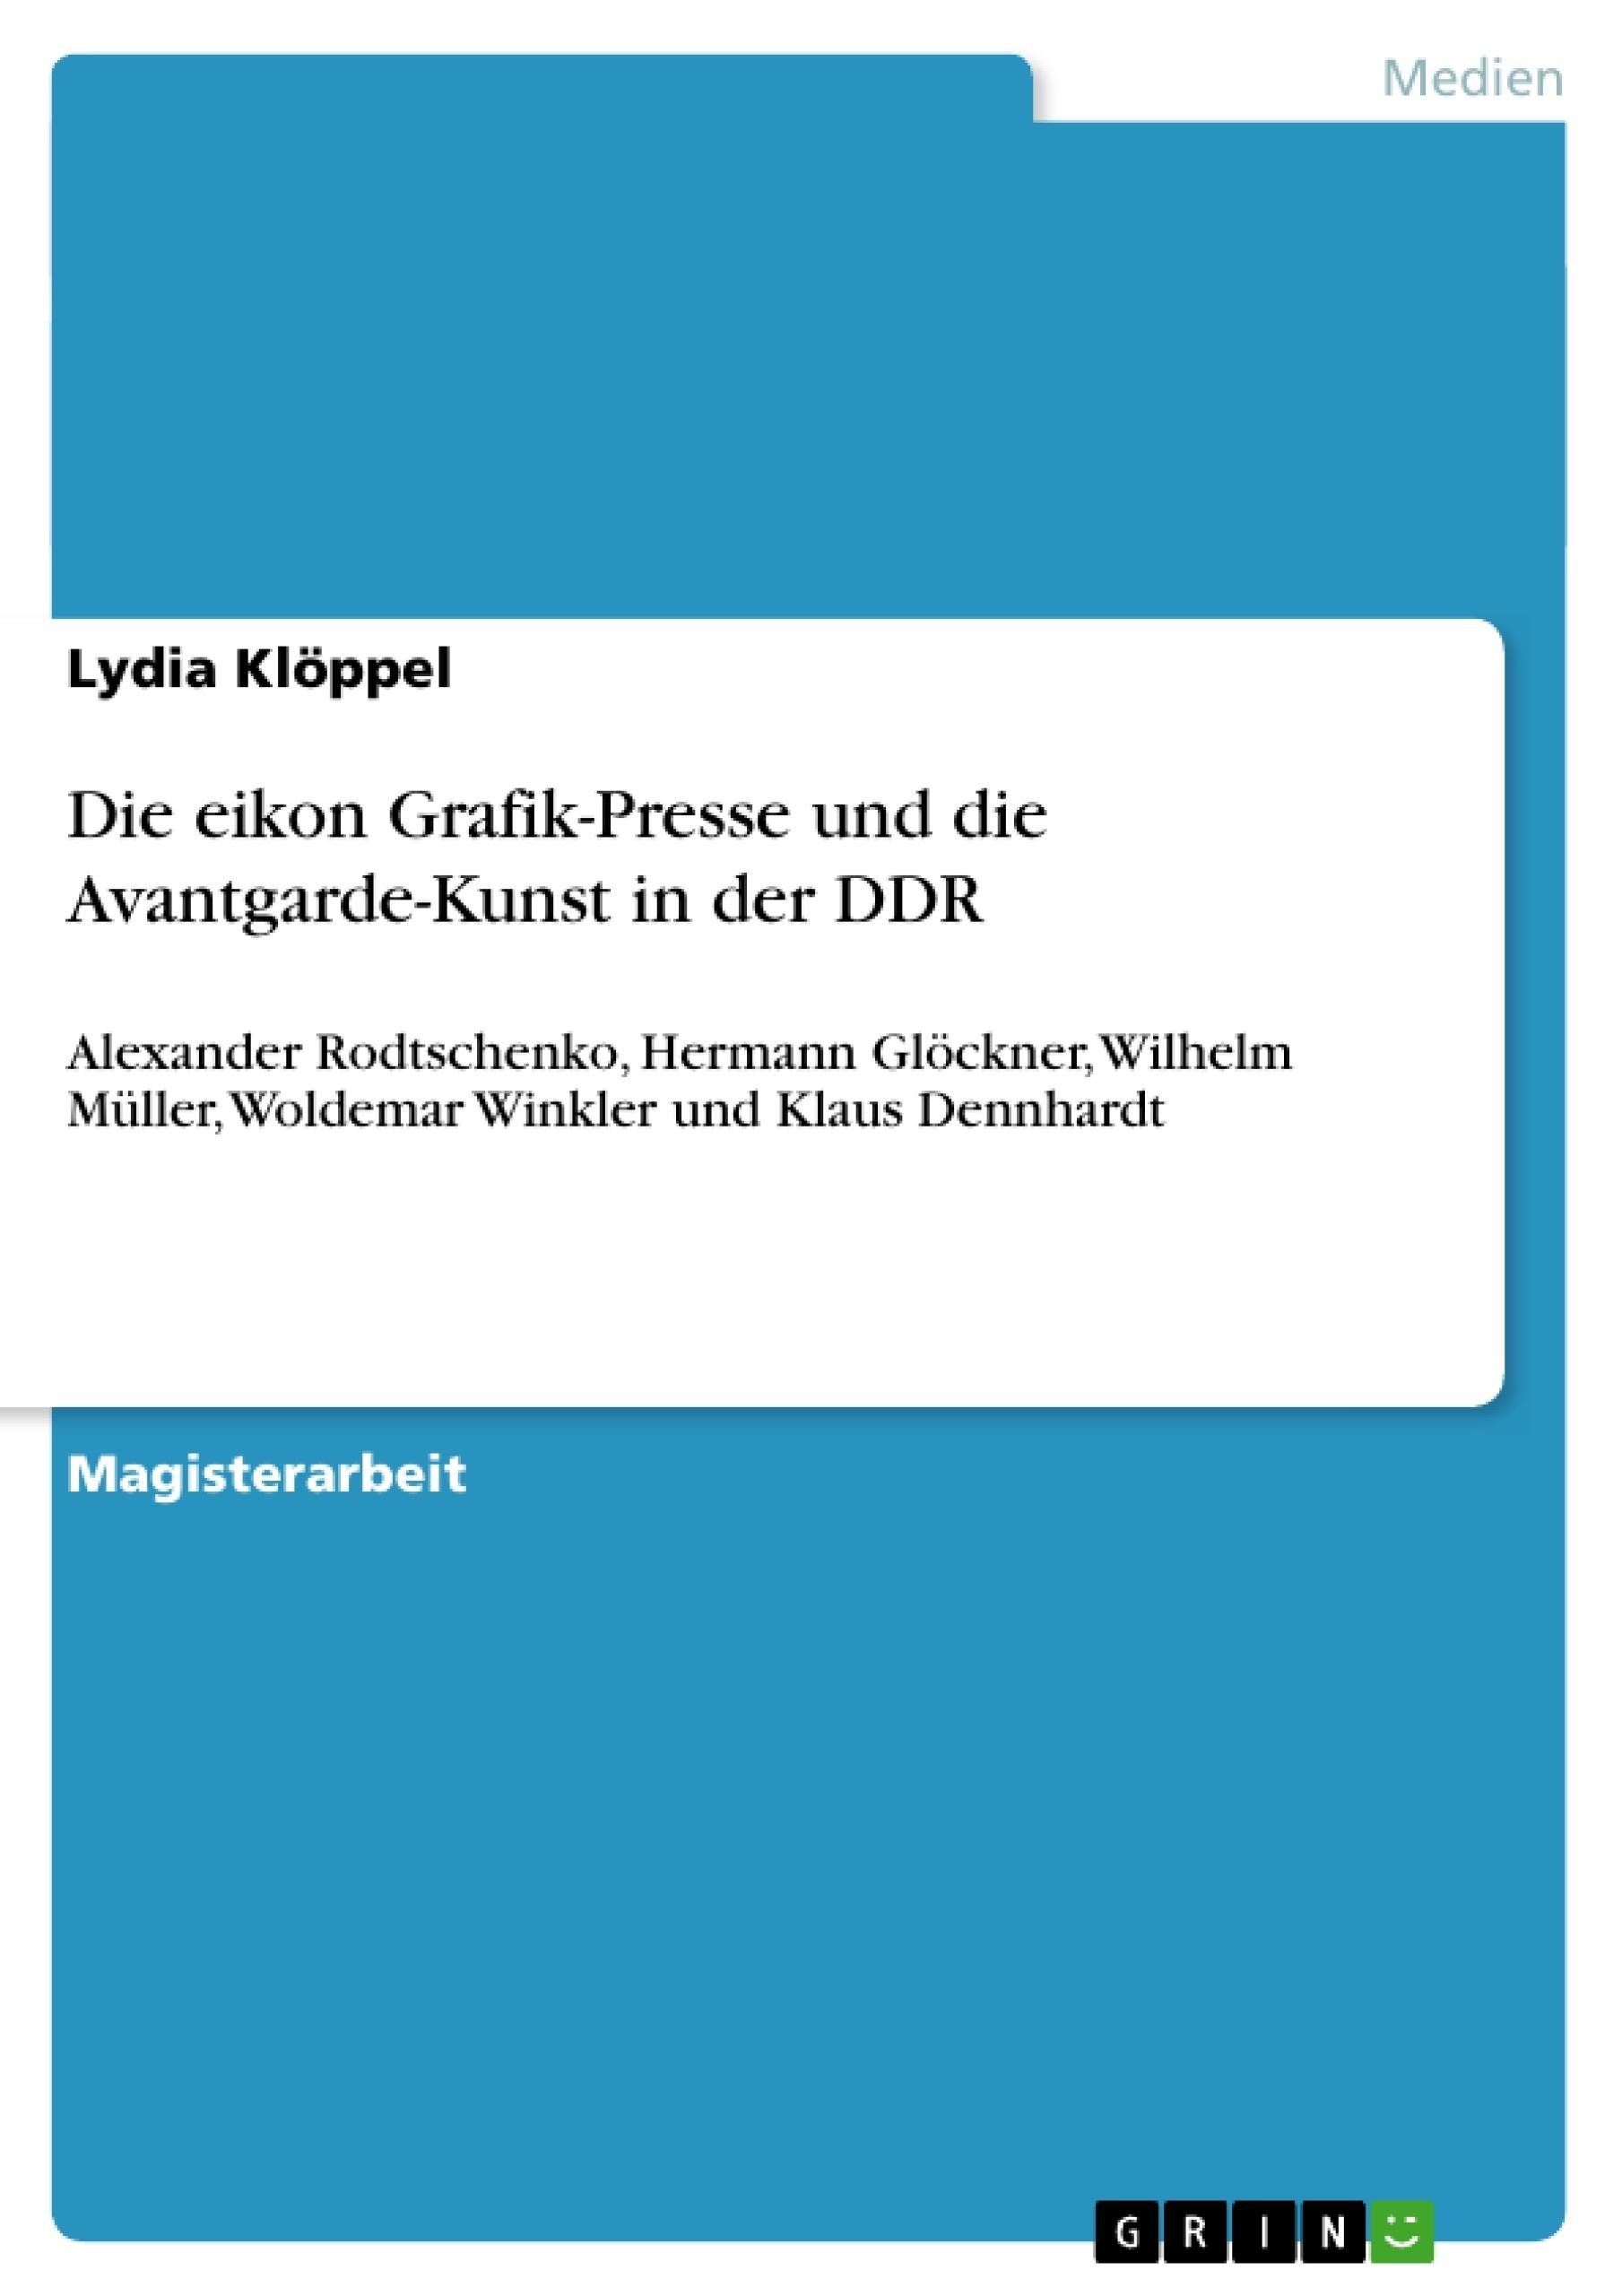 Titel: Die eikon Grafik-Presse und die Avantgarde-Kunst in der DDR